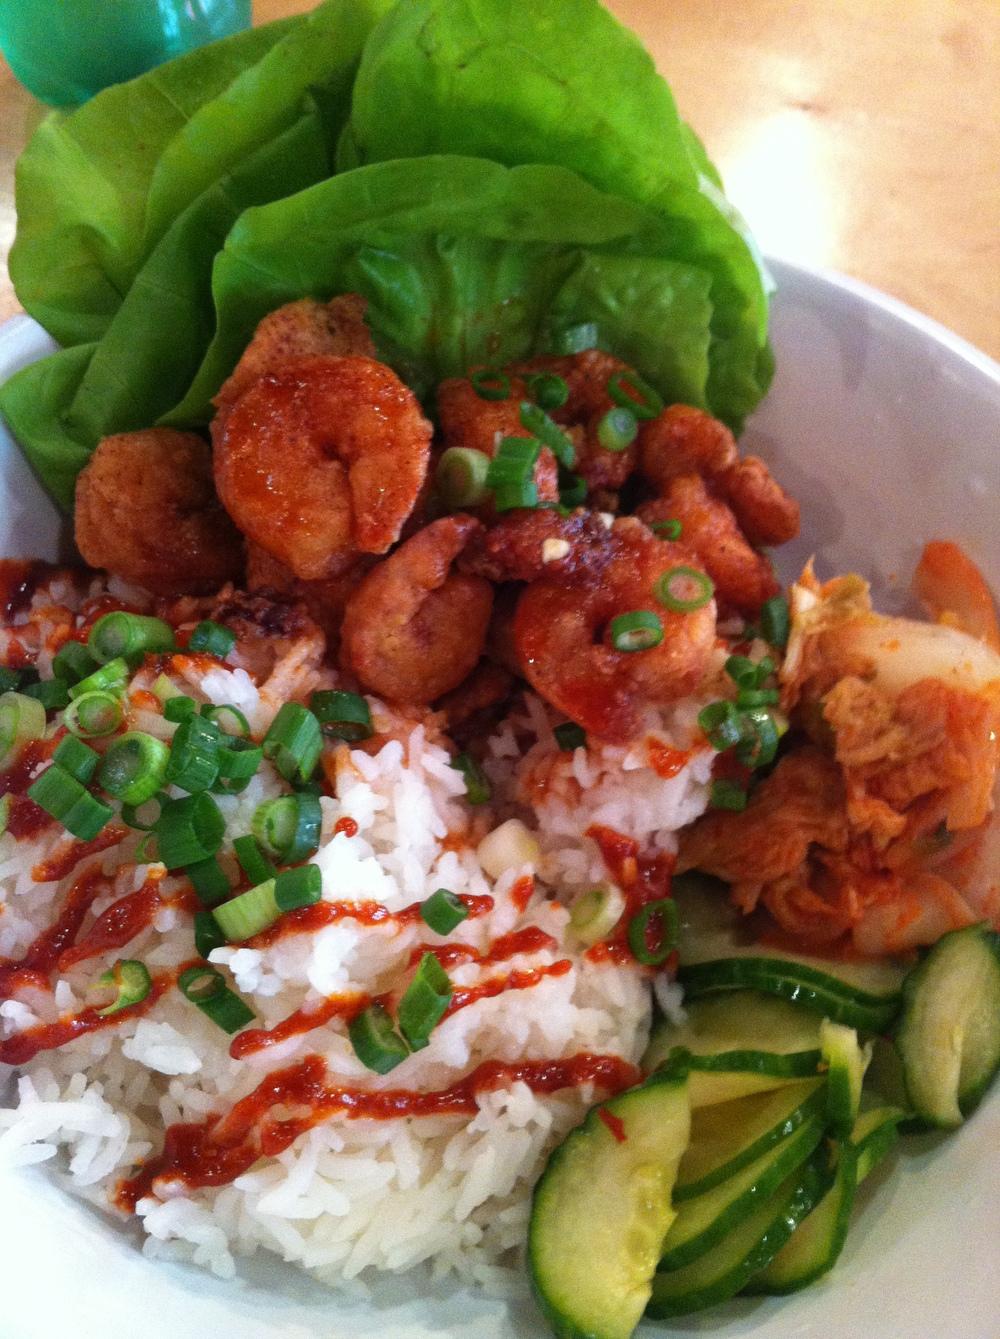 Popcorn Shrimp Ssam : camarão frito com um toque de canela e outras especiarias, Kimchi* e picles, arroz jasmim.